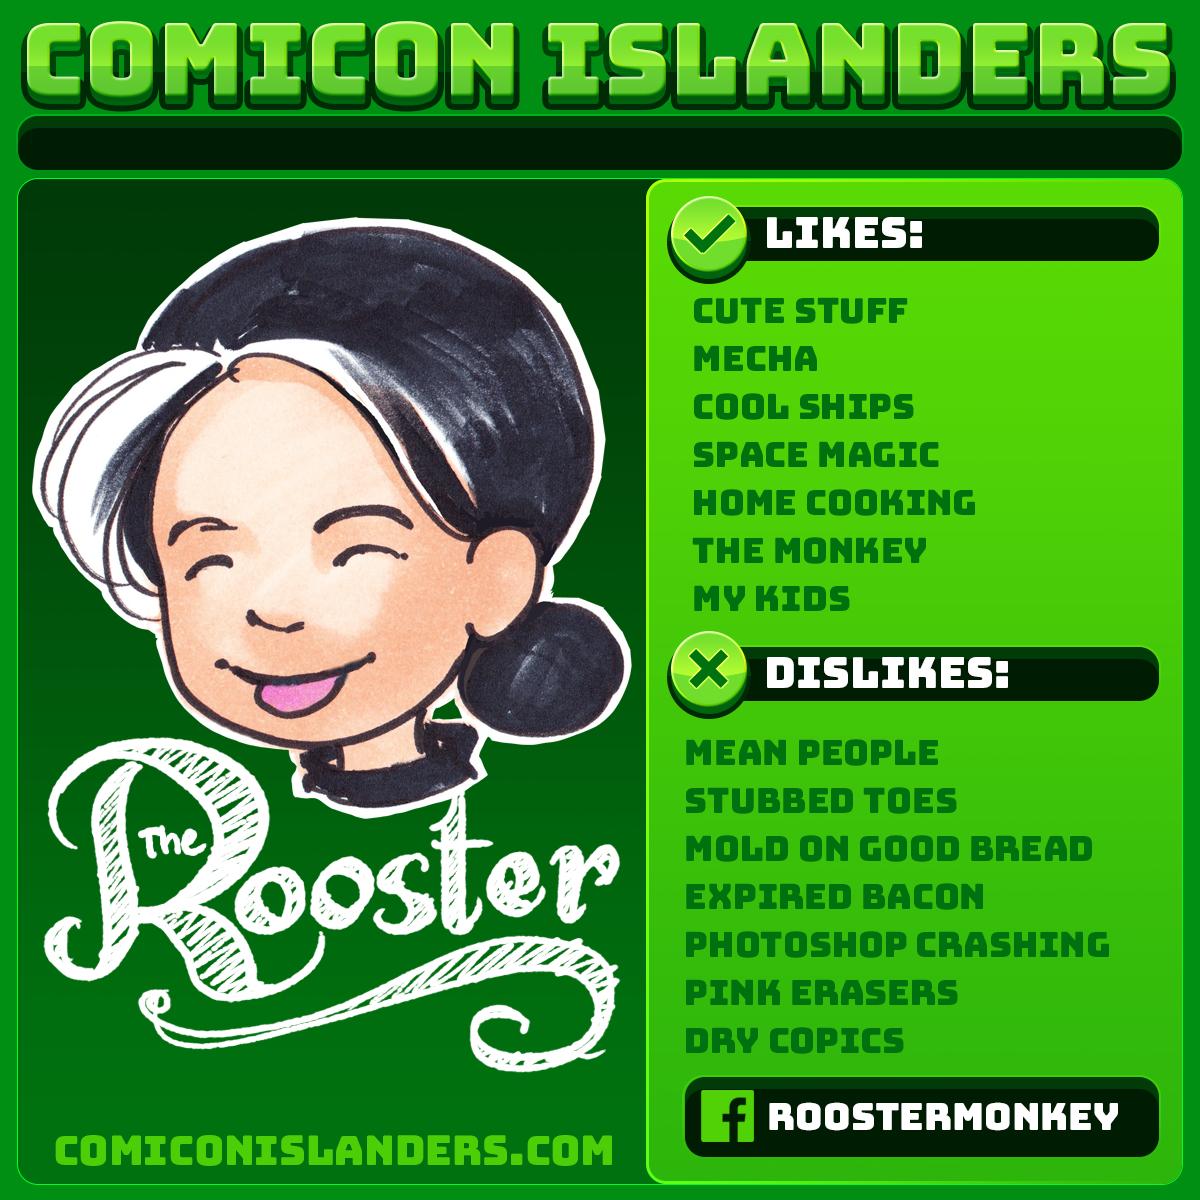 Comicon Islanders